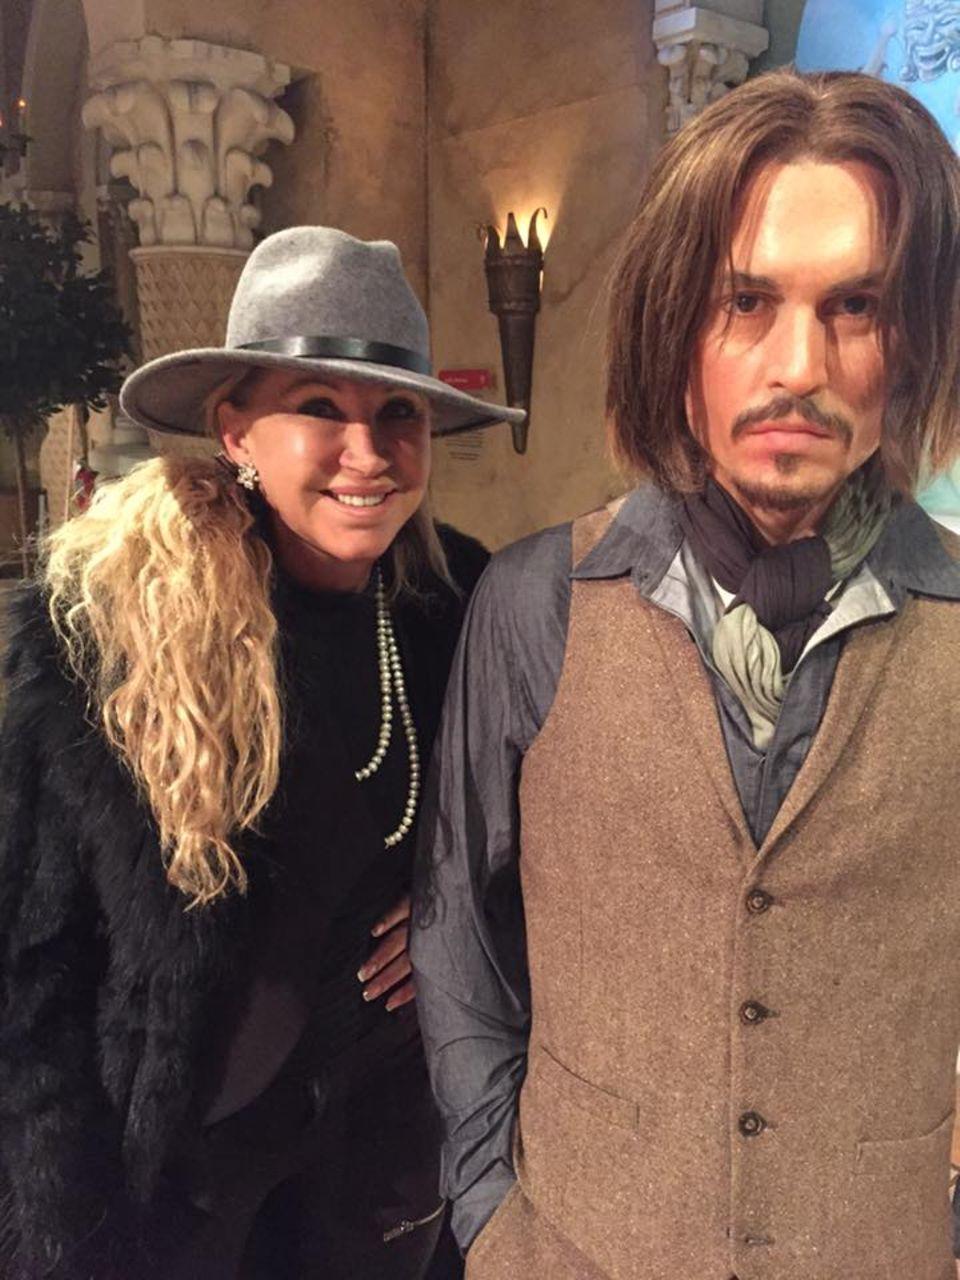 Januar 2016  Carmen Geiss trifft sie alle: Hier posiert sie bei Madame Tussauds in New York neben der Wachsfigur von Johnny Depp, die täuschend echt aussieht.